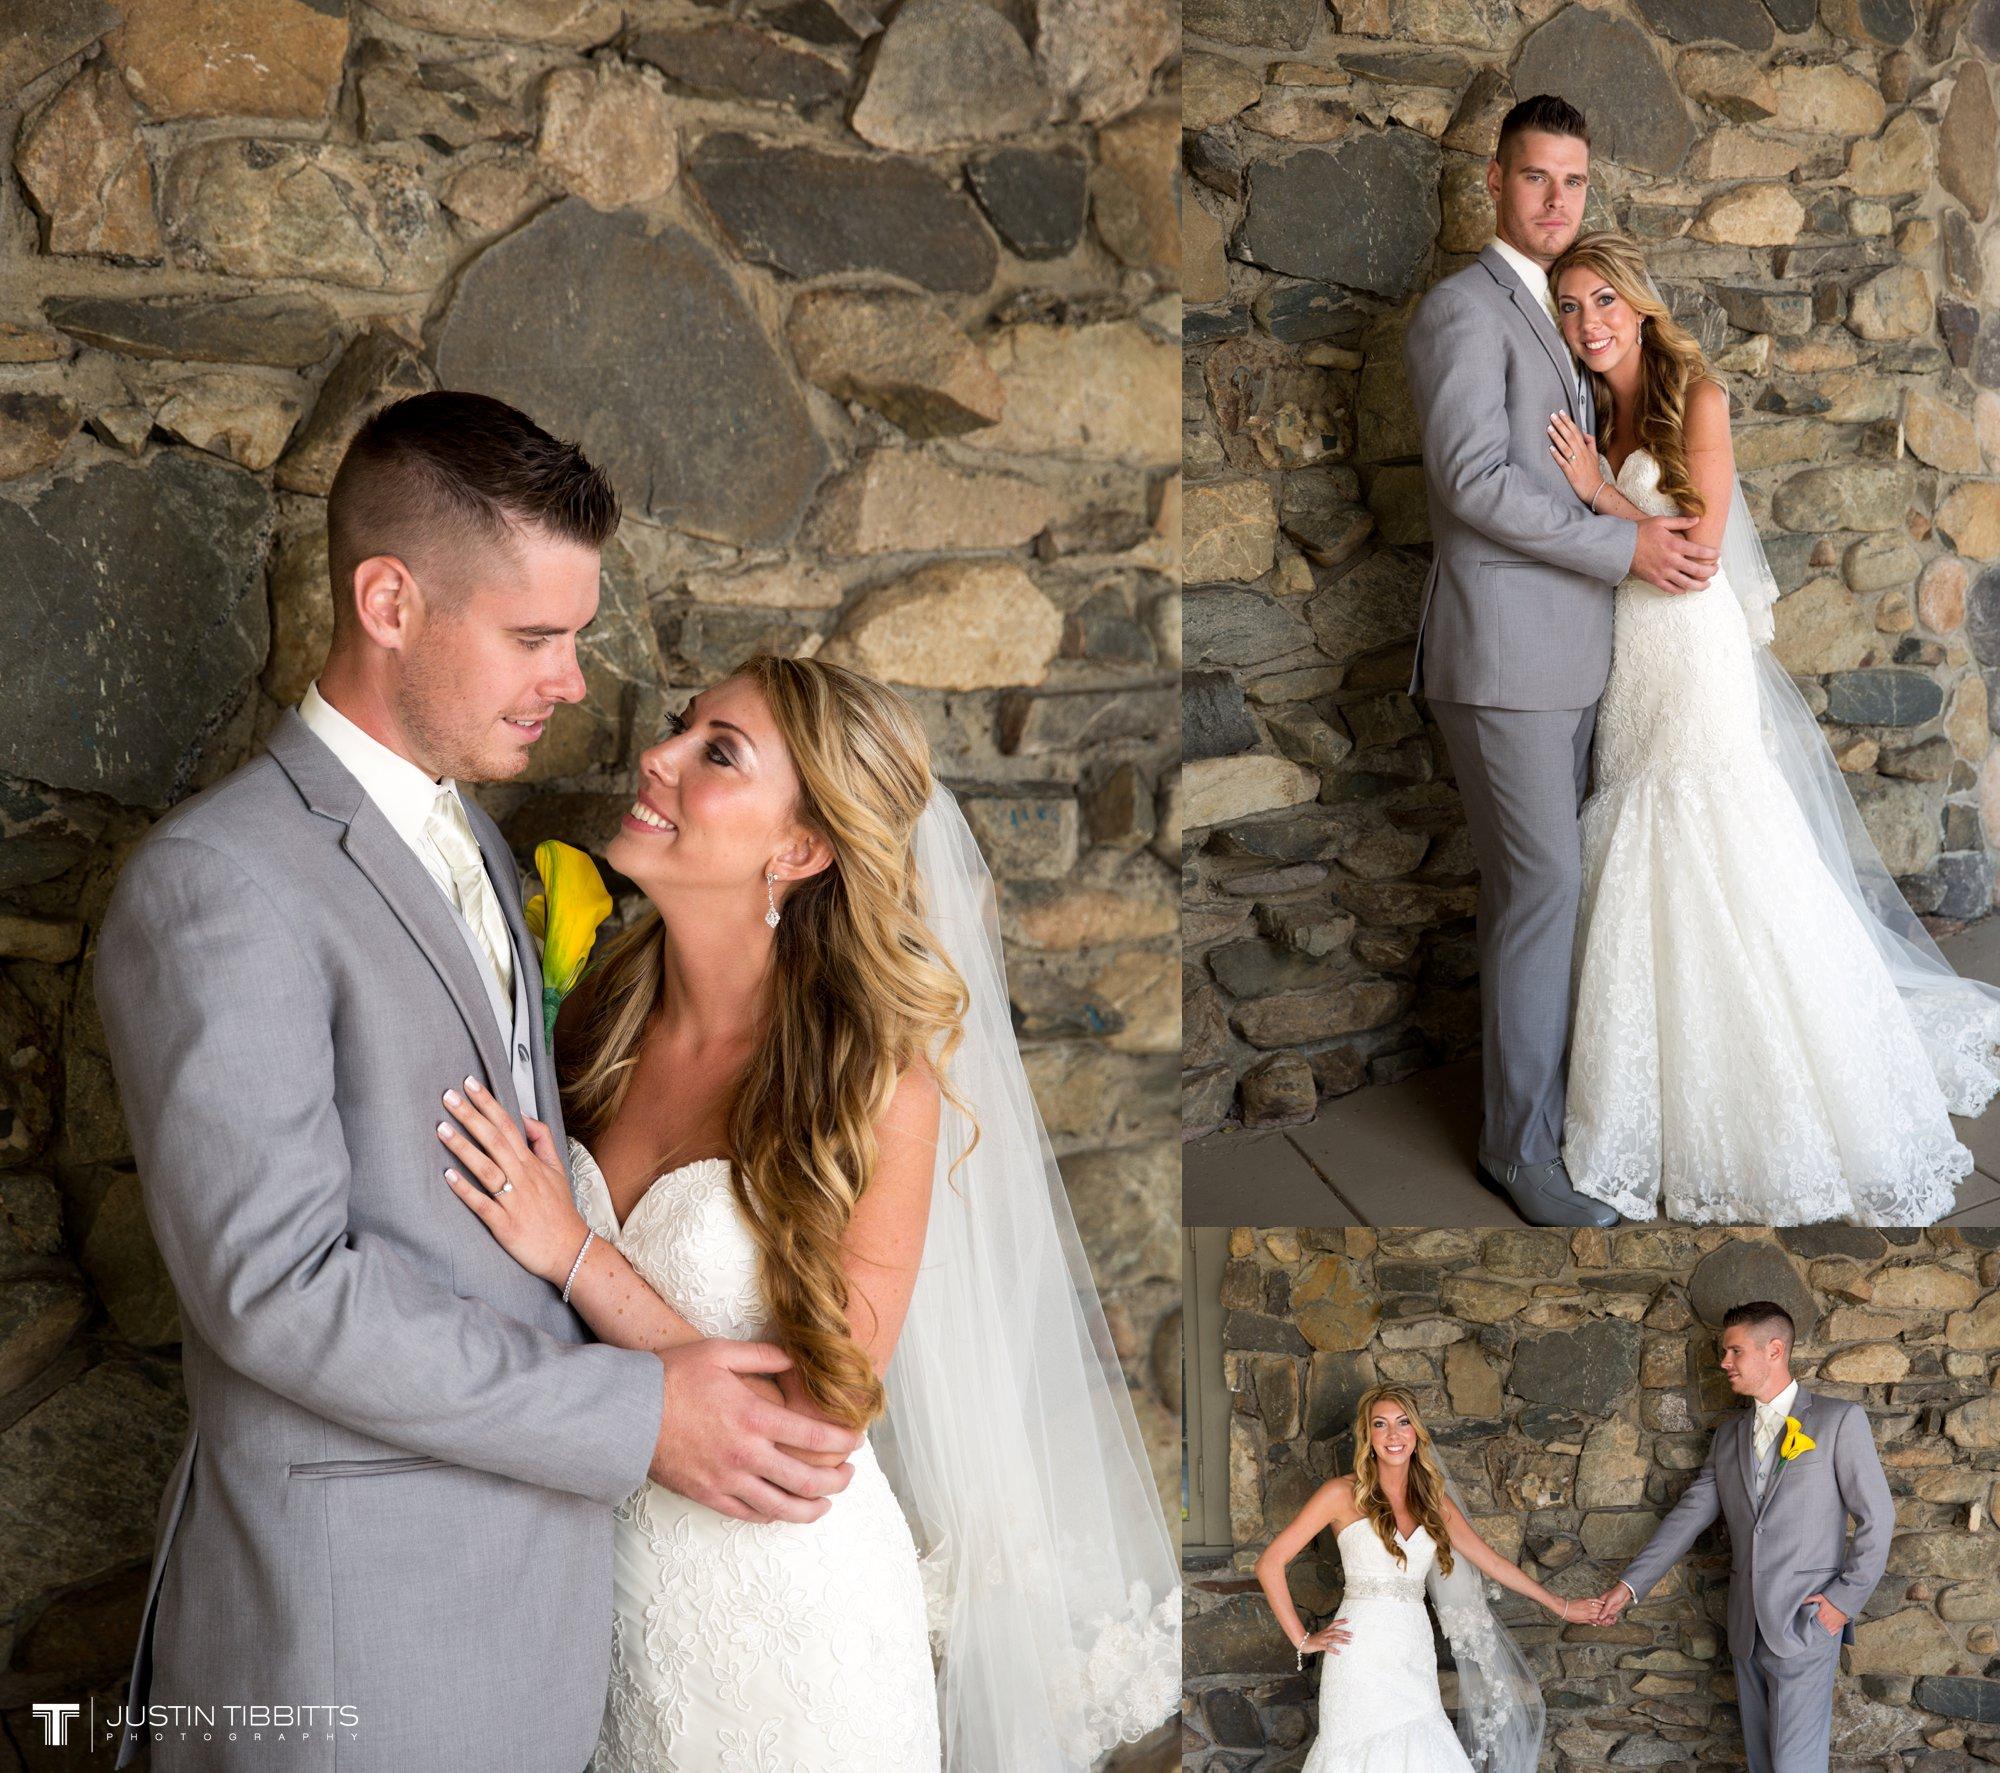 Albany NY Wedding Photographer Justin Tibbitts Photography 2014 Best of Albany NY Weddings-918597